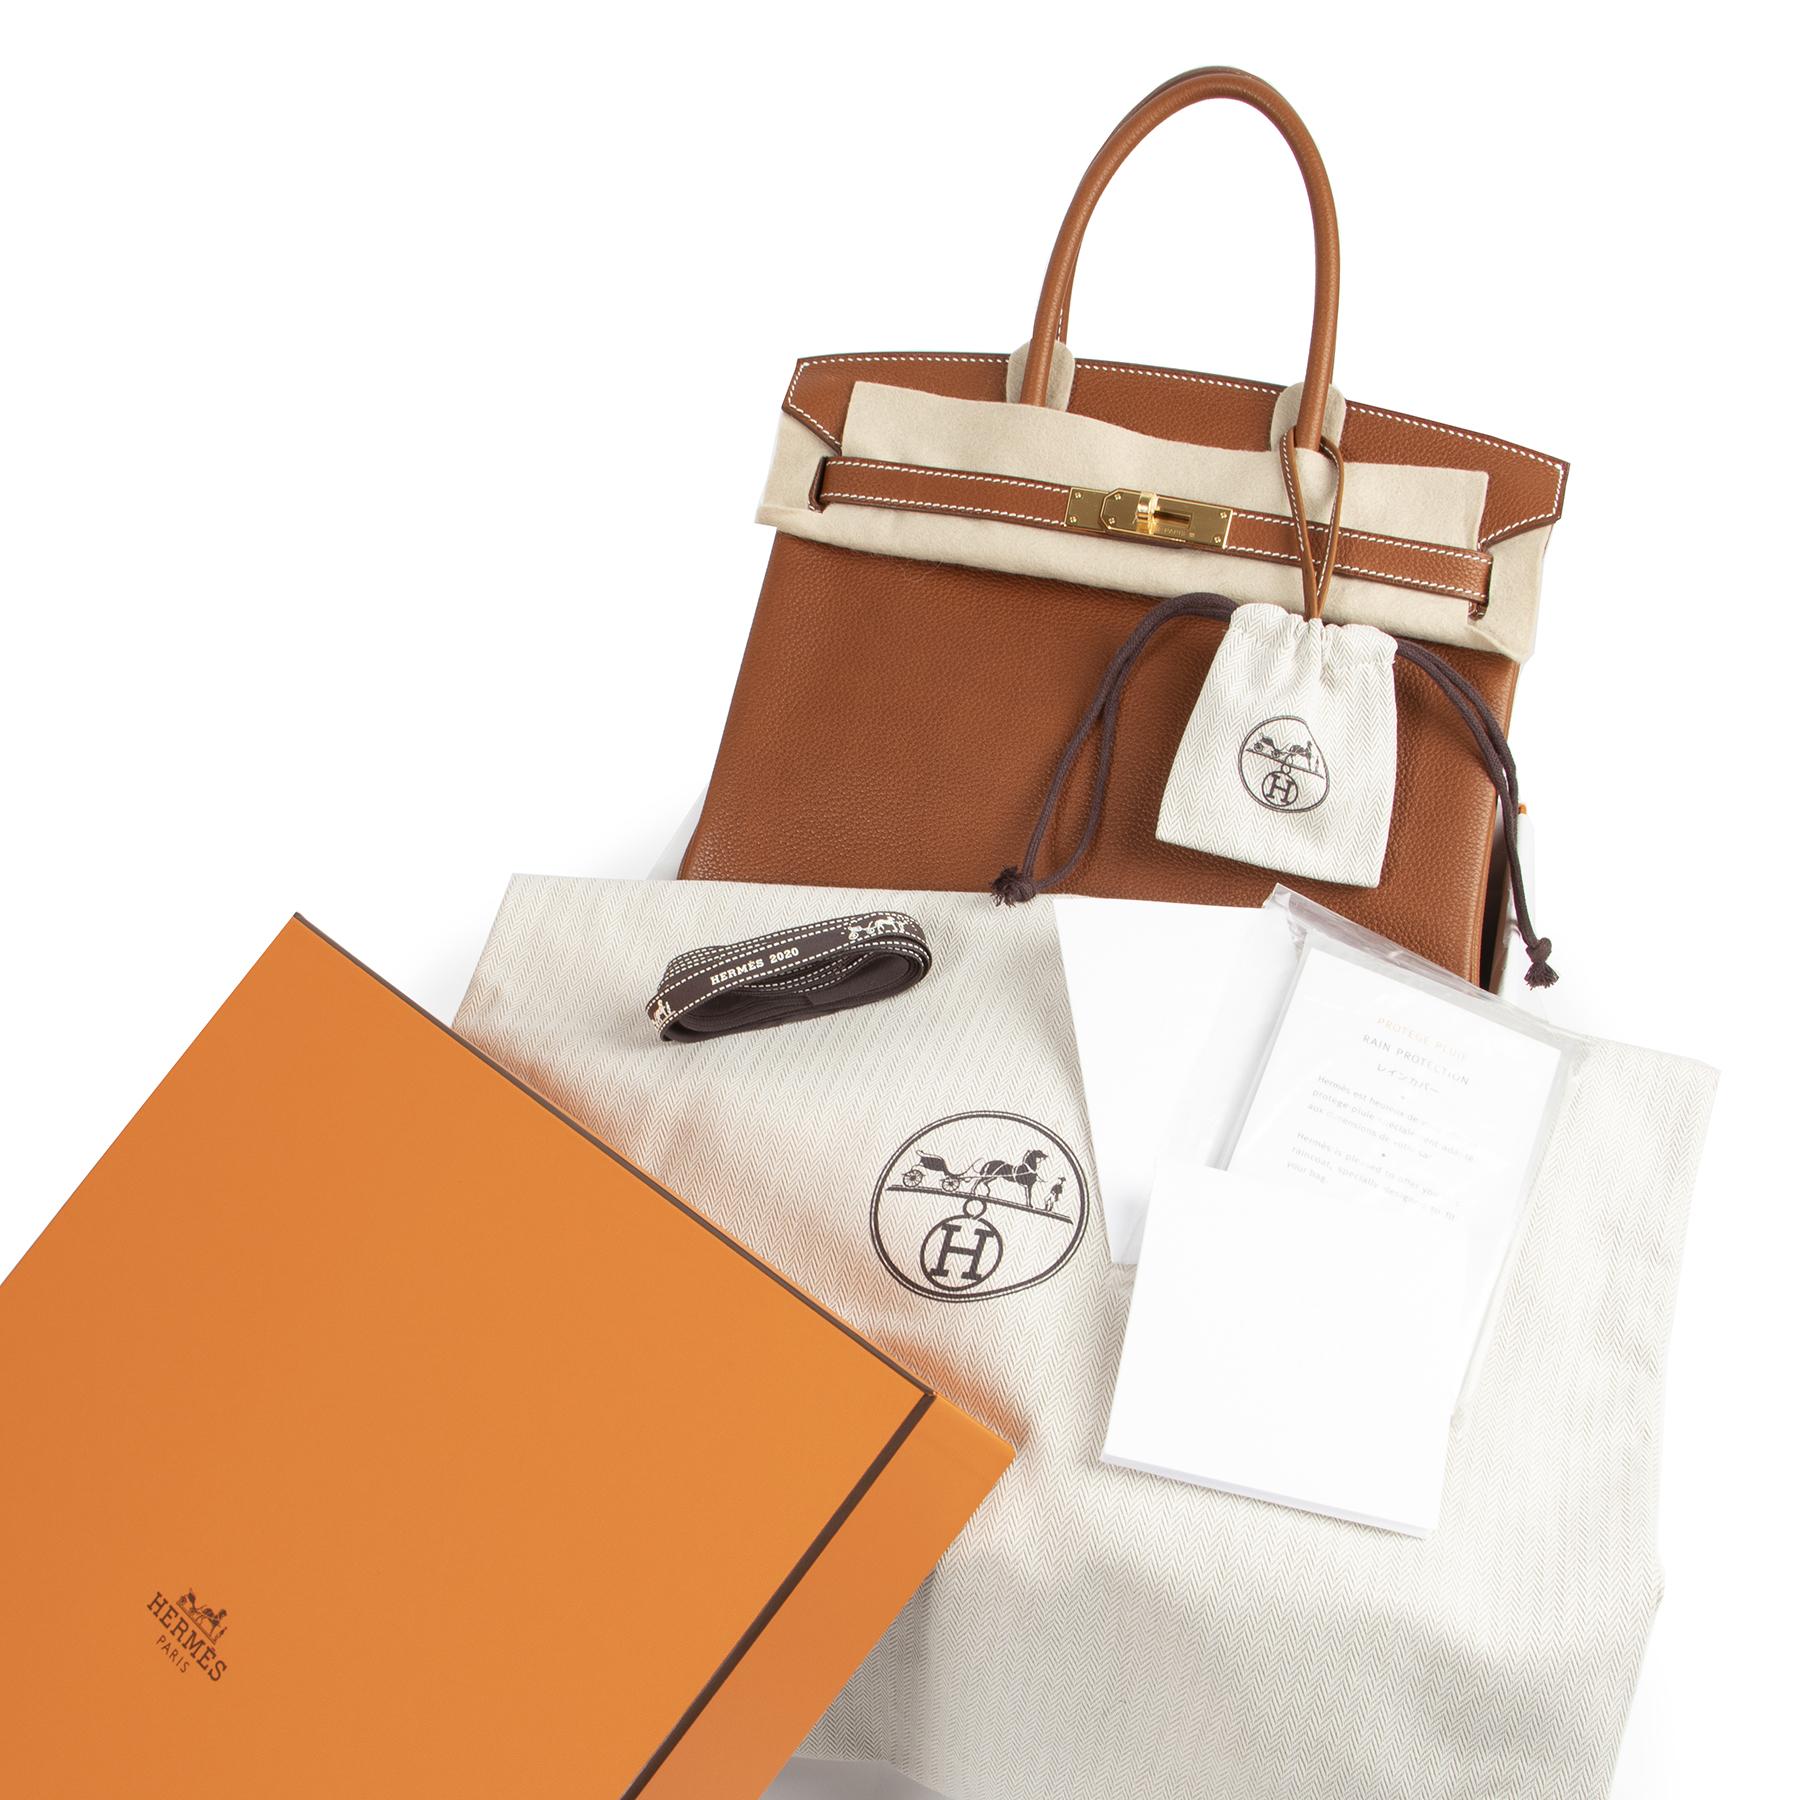 koop uw exclusieve designer handtas van Hermès Paris bij Labellov in Antwerpen